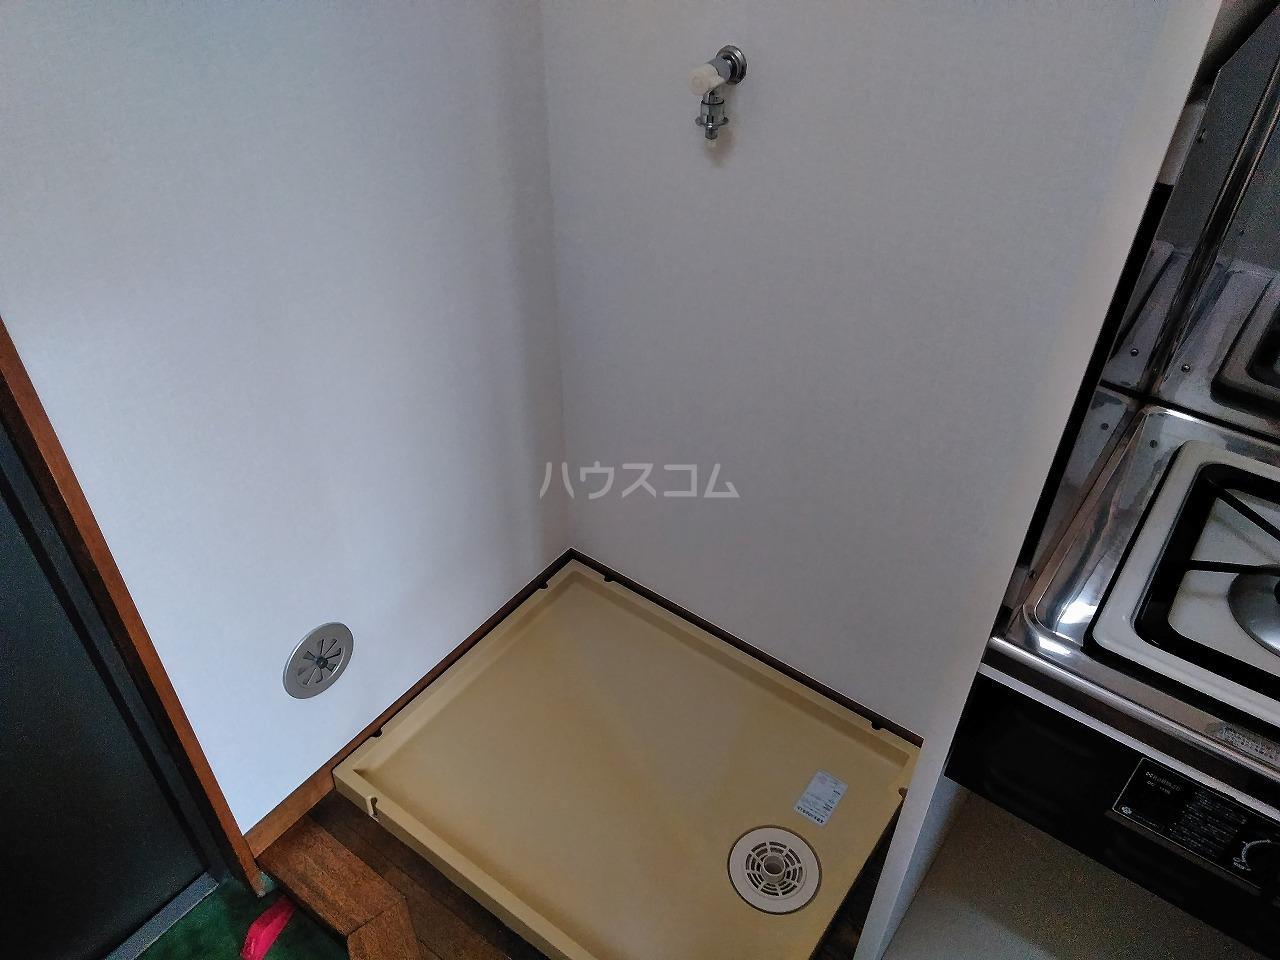 ヴィラ・コート大岡山 401号室の設備